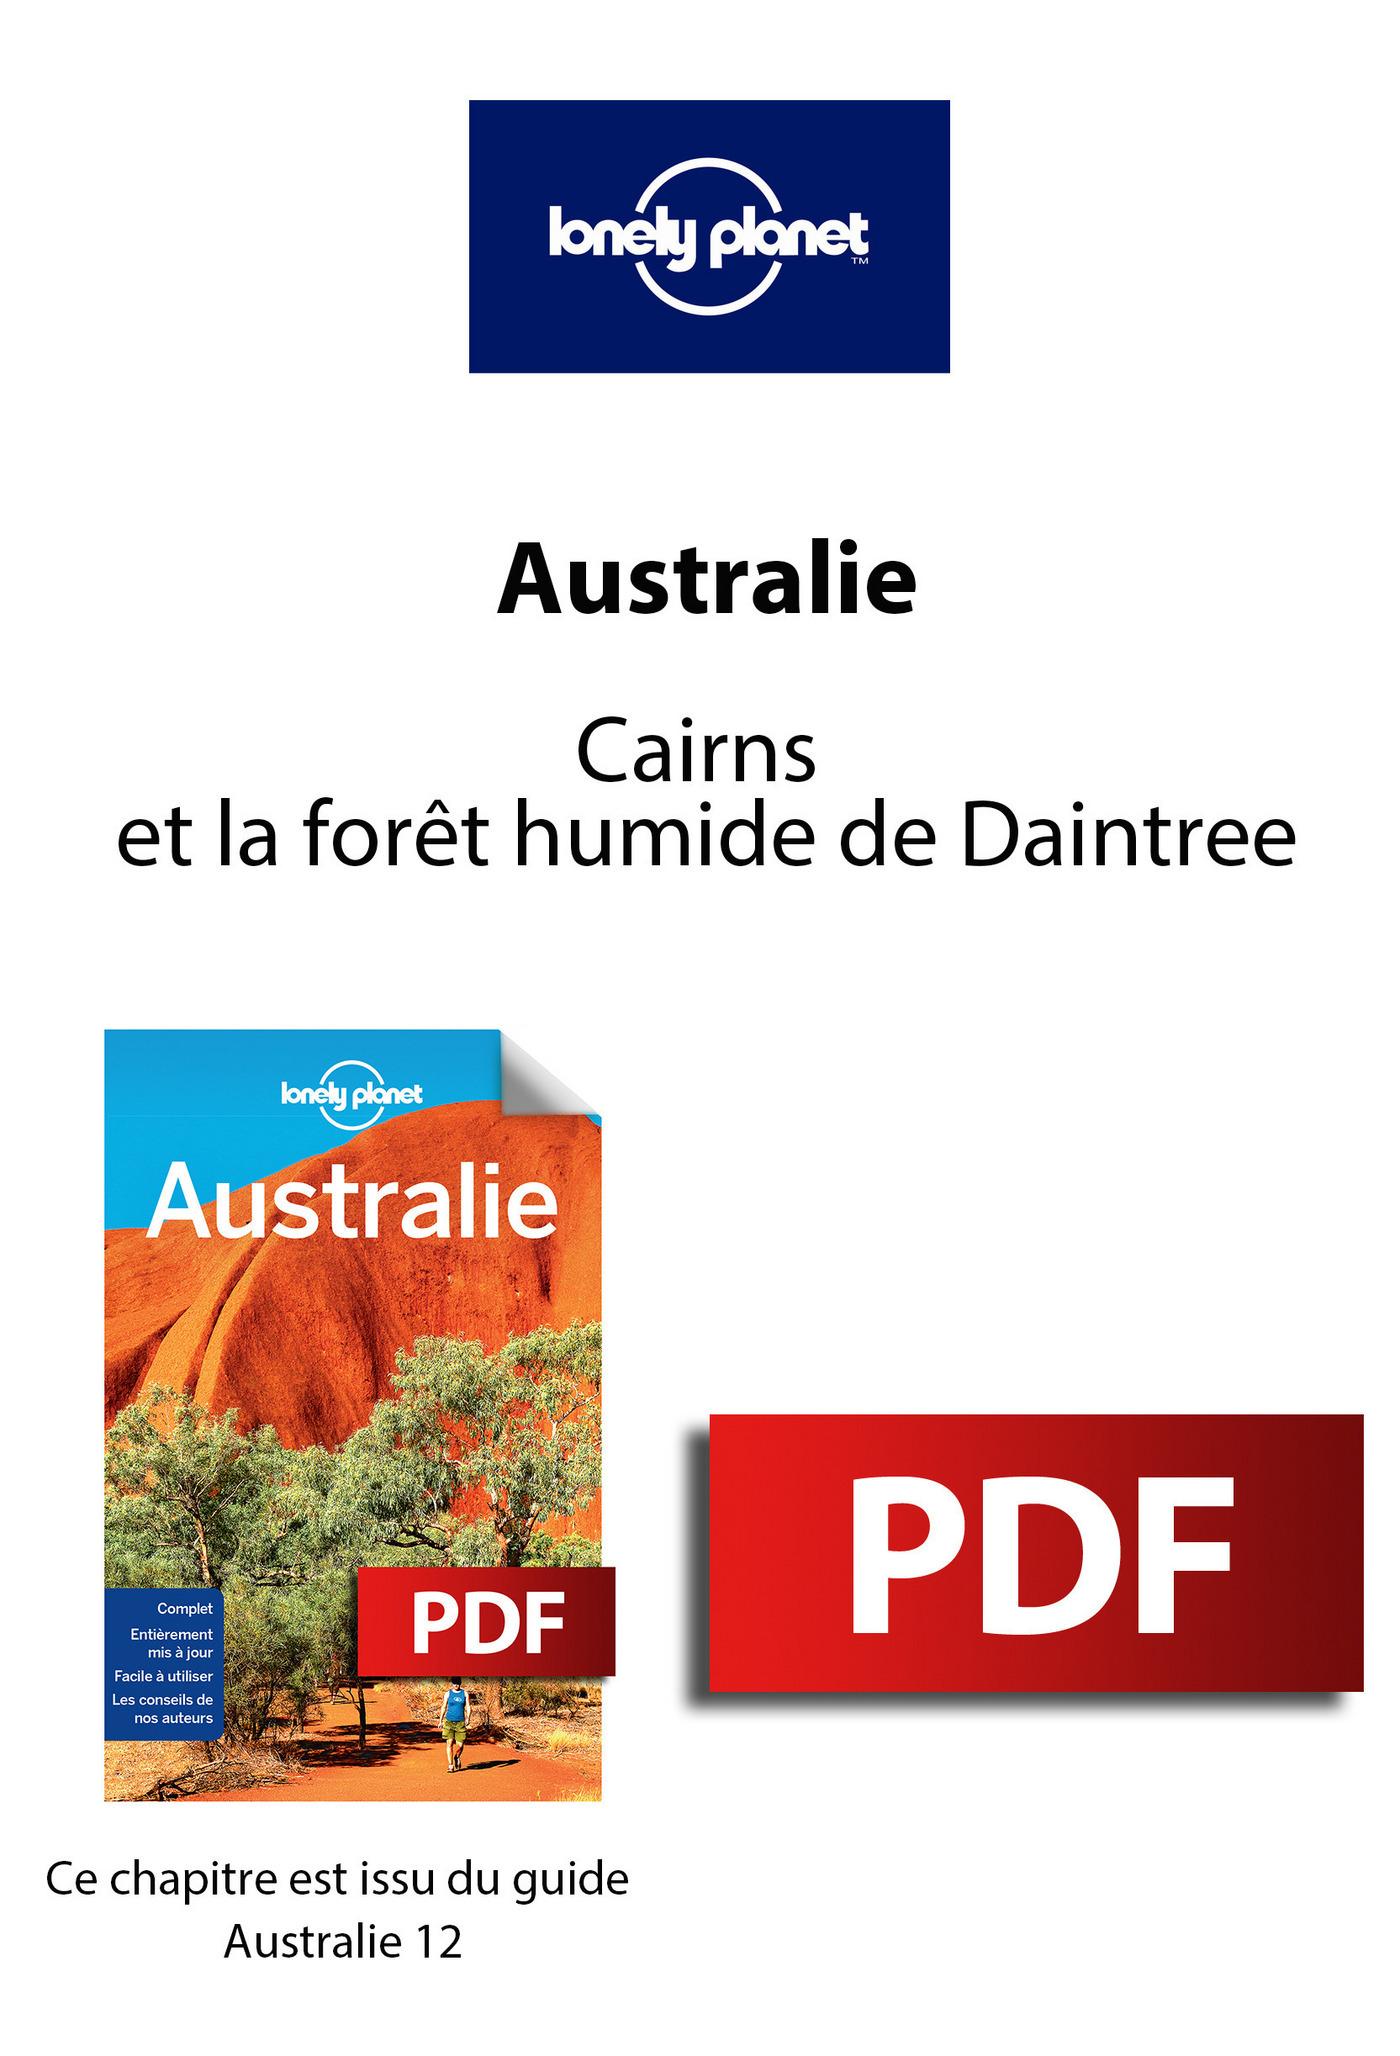 Australie - Cairns et la forêt humide de Daintree